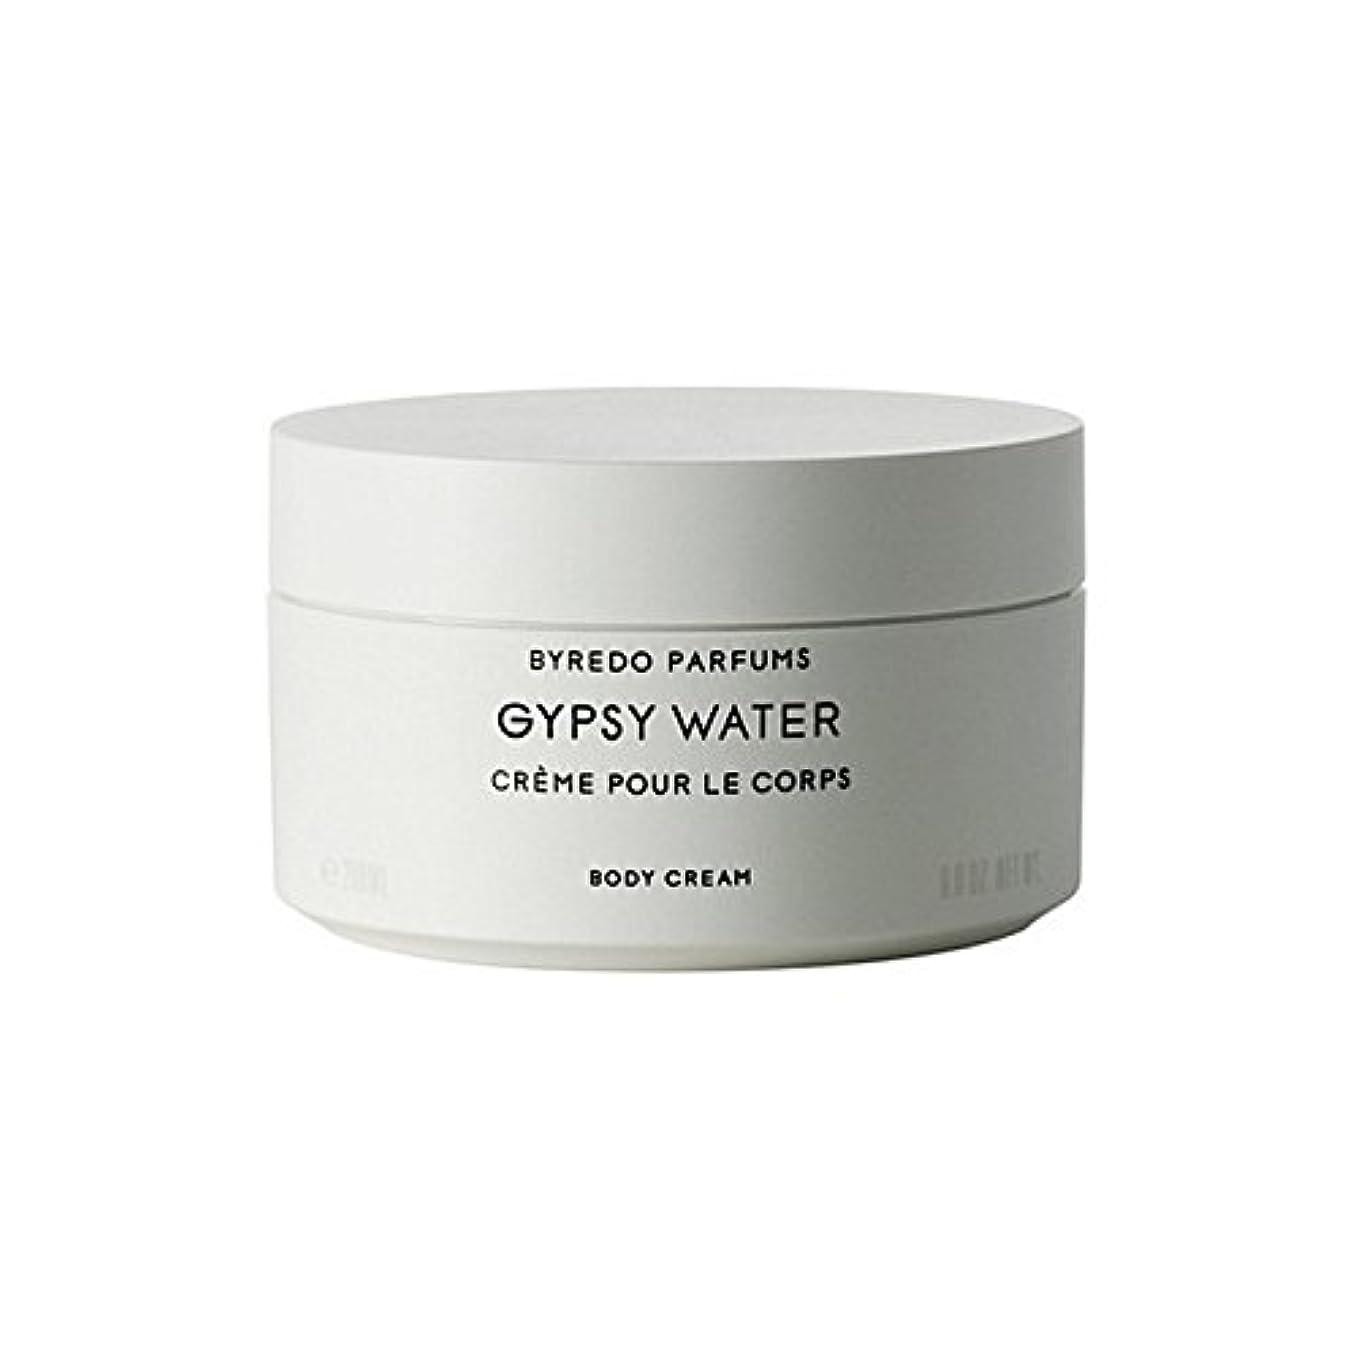 ラインスリップ同化するByredo Gypsy Water Body Cream 200ml - ジプシー水ボディクリーム200ミリリットル [並行輸入品]